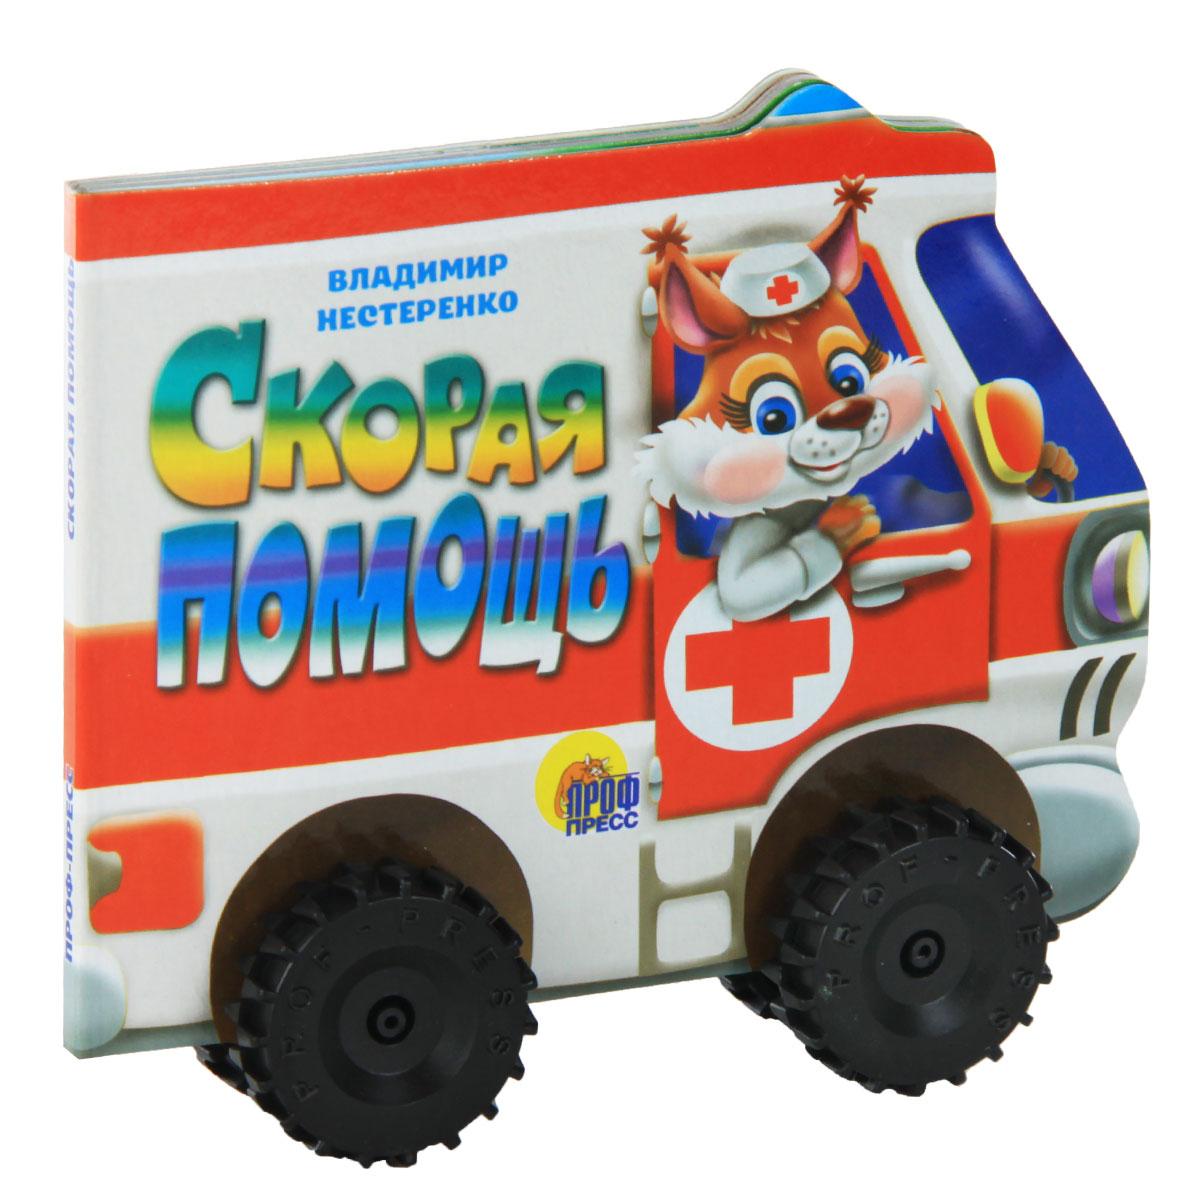 Владимир Нестеренко Скорая помощь. Книжка-игрушка песенки для малышей книжка игрушка